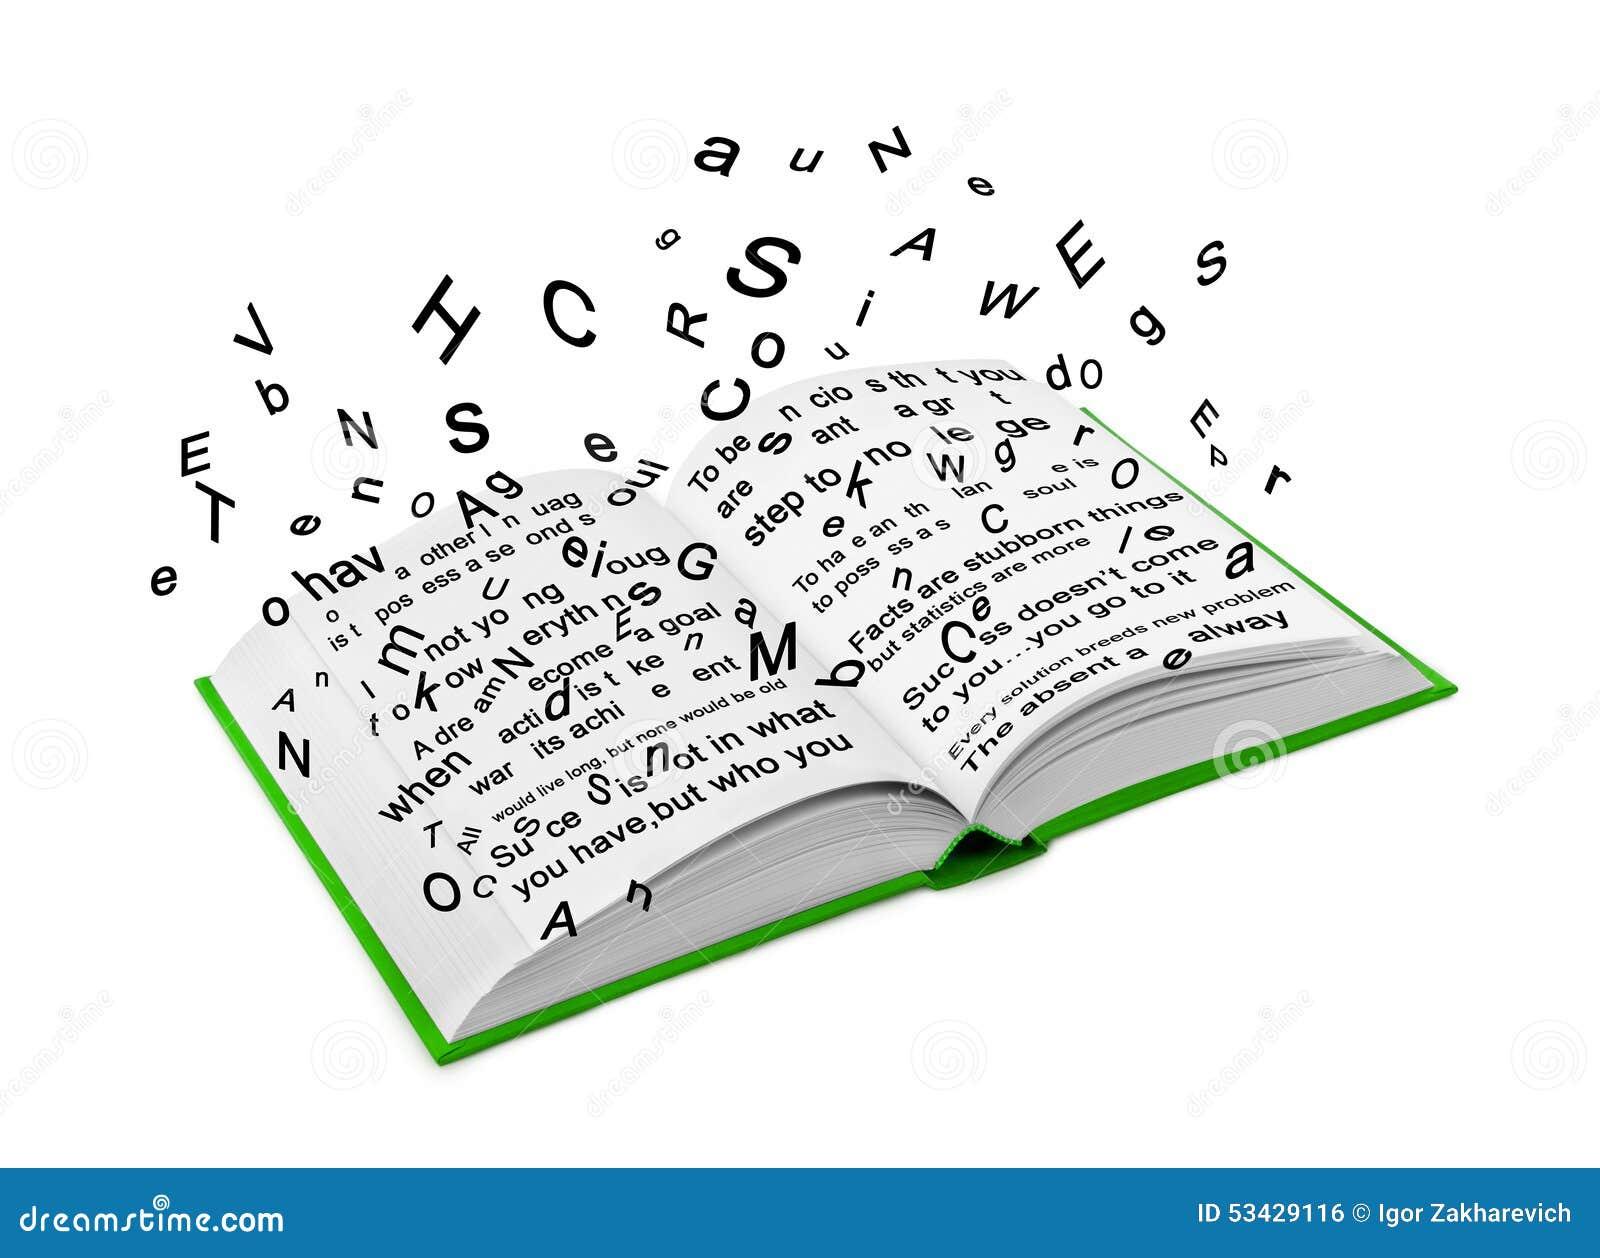 Immagini Lettera E: Lettere Che Volano Da Un Libro Aperto Illustrazione Di